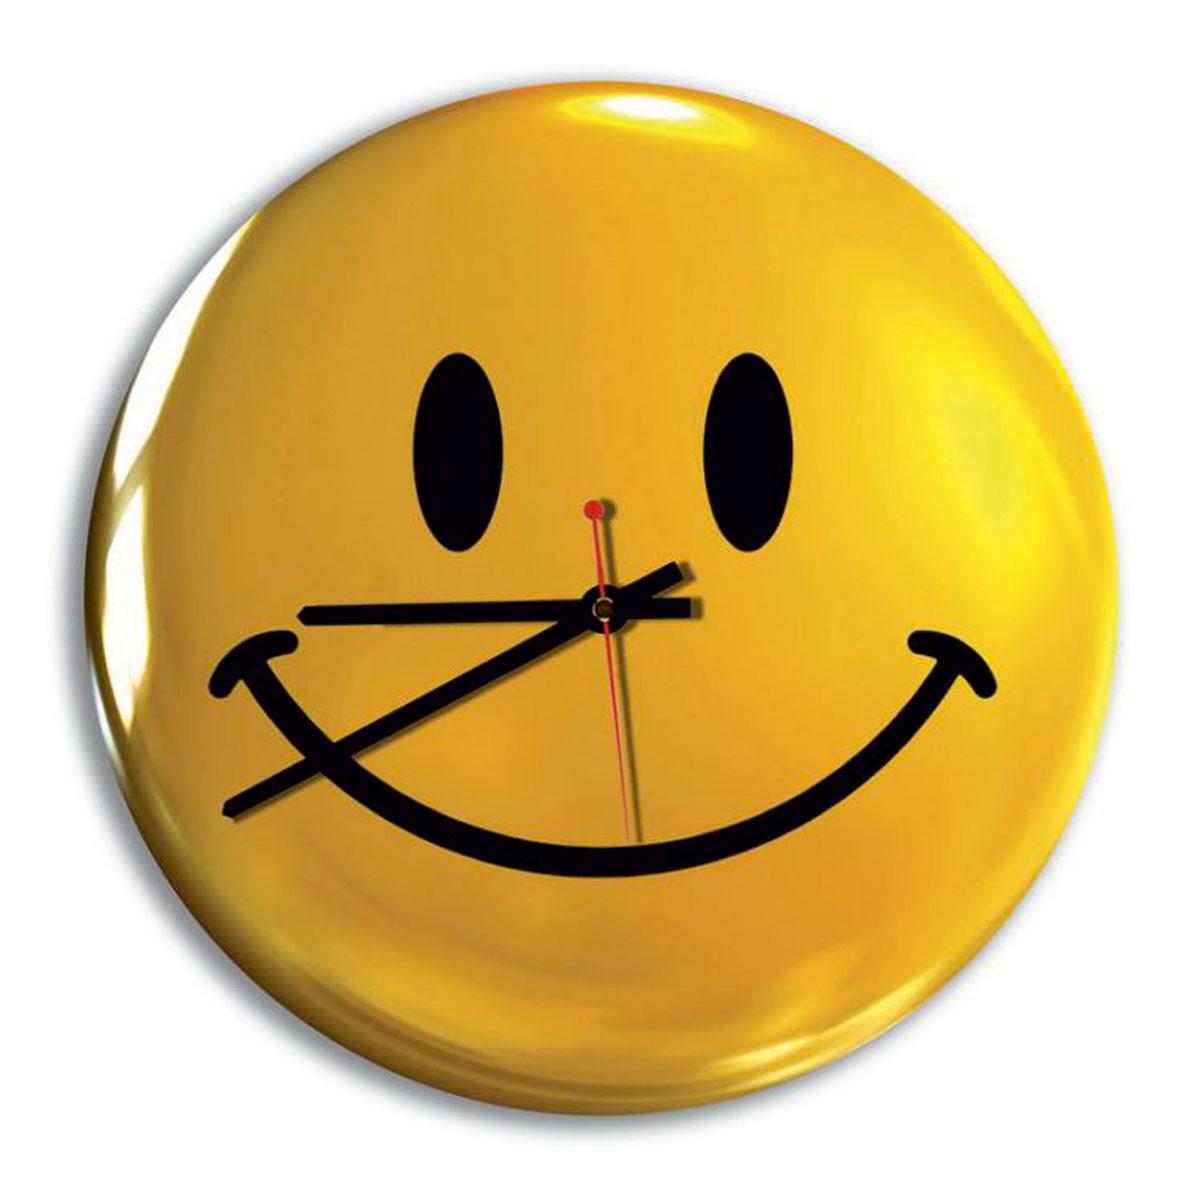 Часы настенные Miolla Смайлик, цвет: желтый, черныйСК011 2069Оригинальные настенные часы круглой формы выполнены из закаленного стекла. Часы имеют три стрелки - часовую, минутную и секундную и циферблат с цифрами. Необычное дизайнерское решение и качество исполнения придутся по вкусу каждому. Оформите свой дом таким интерьерным аксессуаром или преподнесите его в качестве презента друзьям, и они оценят ваш оригинальный вкус и неординарность подарка. Диаметр: 28 см.